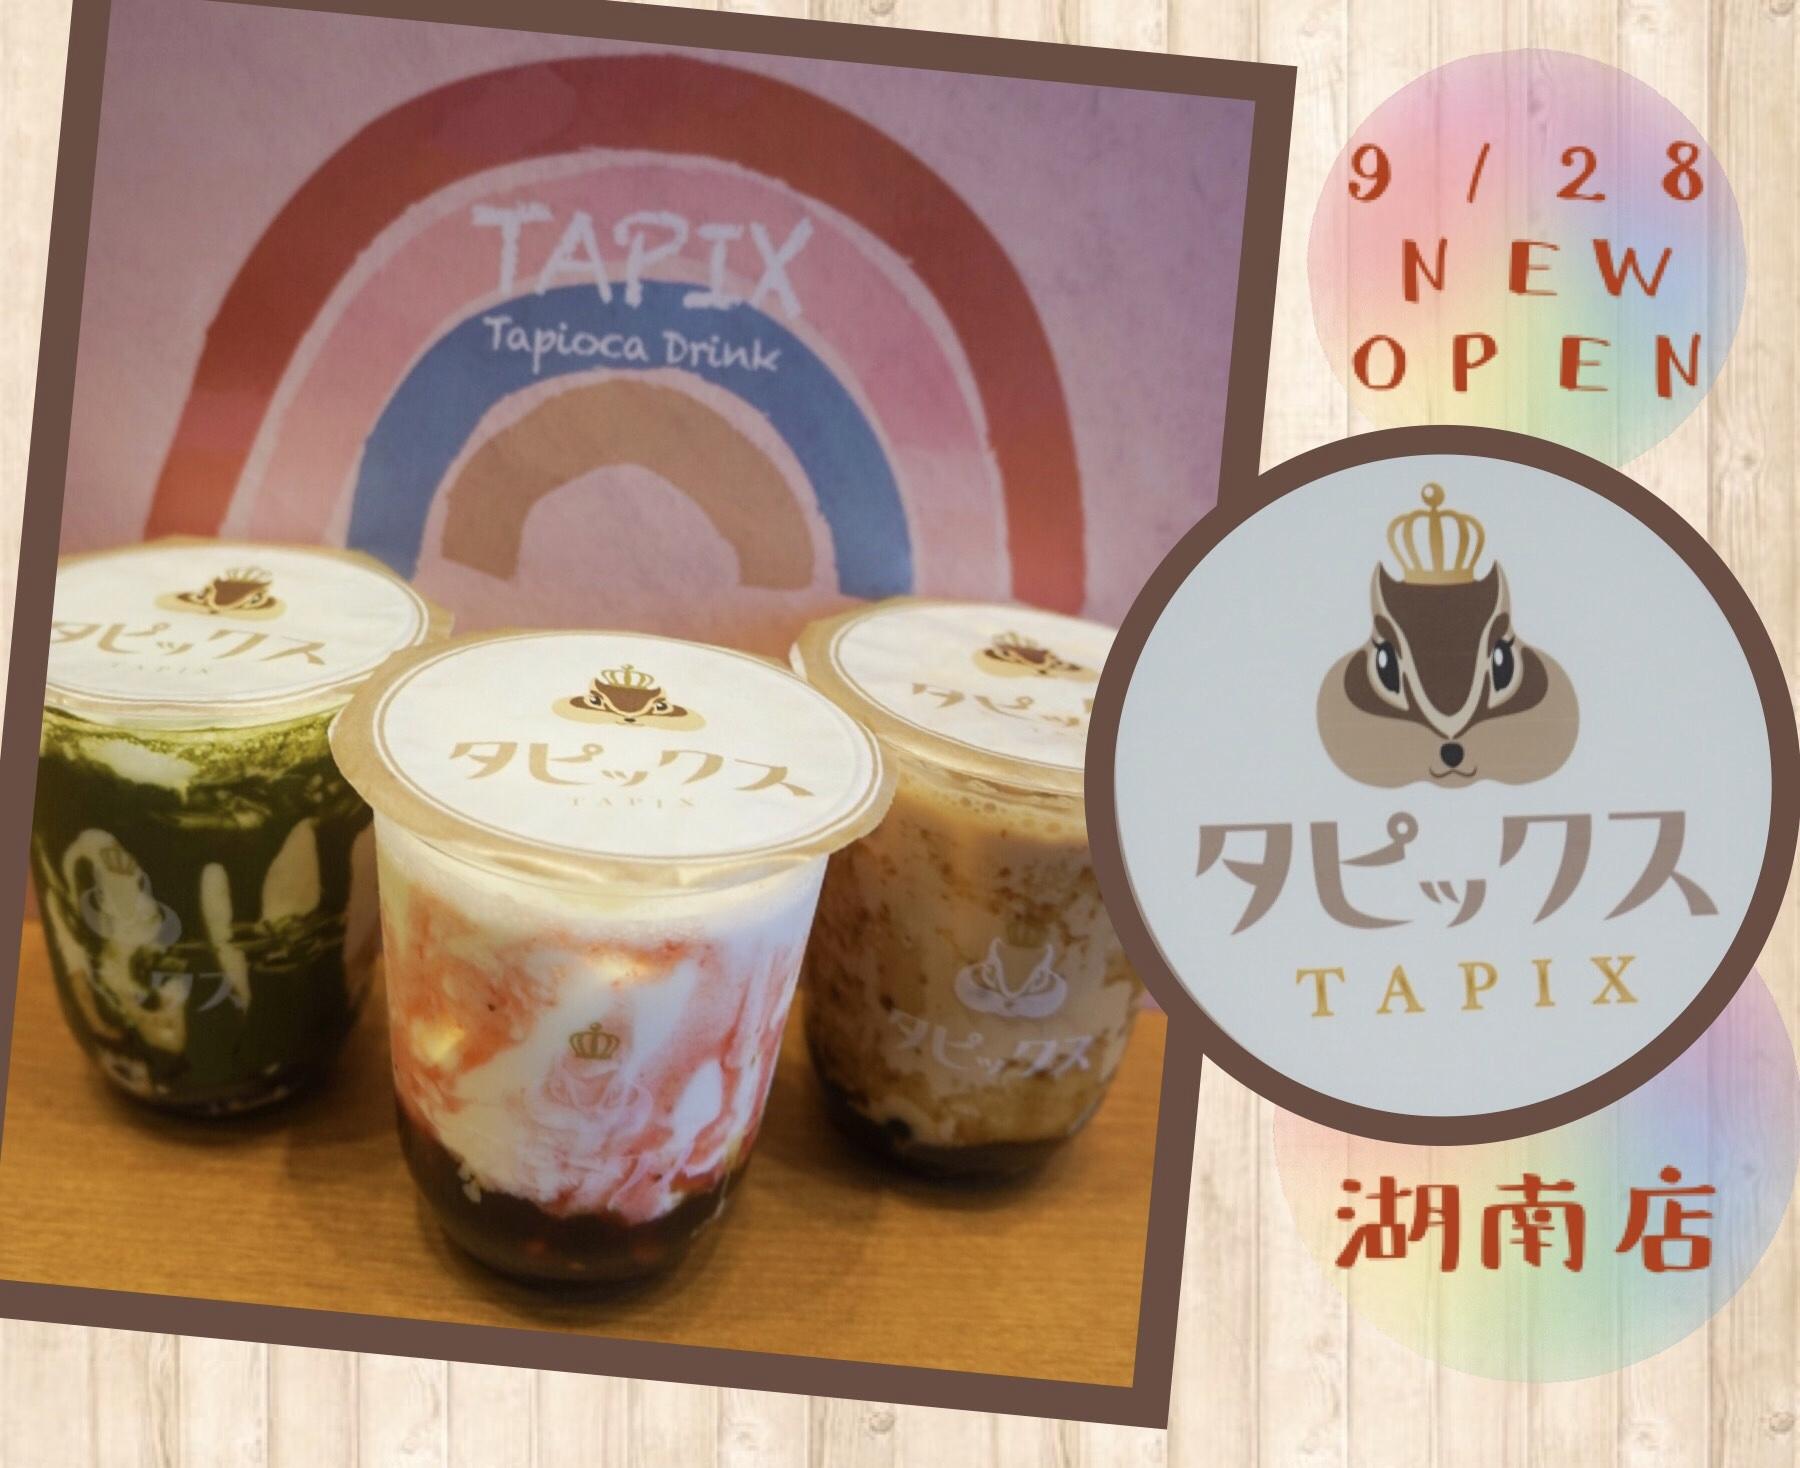 【9/28新店】[タピックス TAPIX]湖南店 1杯で2度美味しい!生タピオカ専門店に行ってきました!